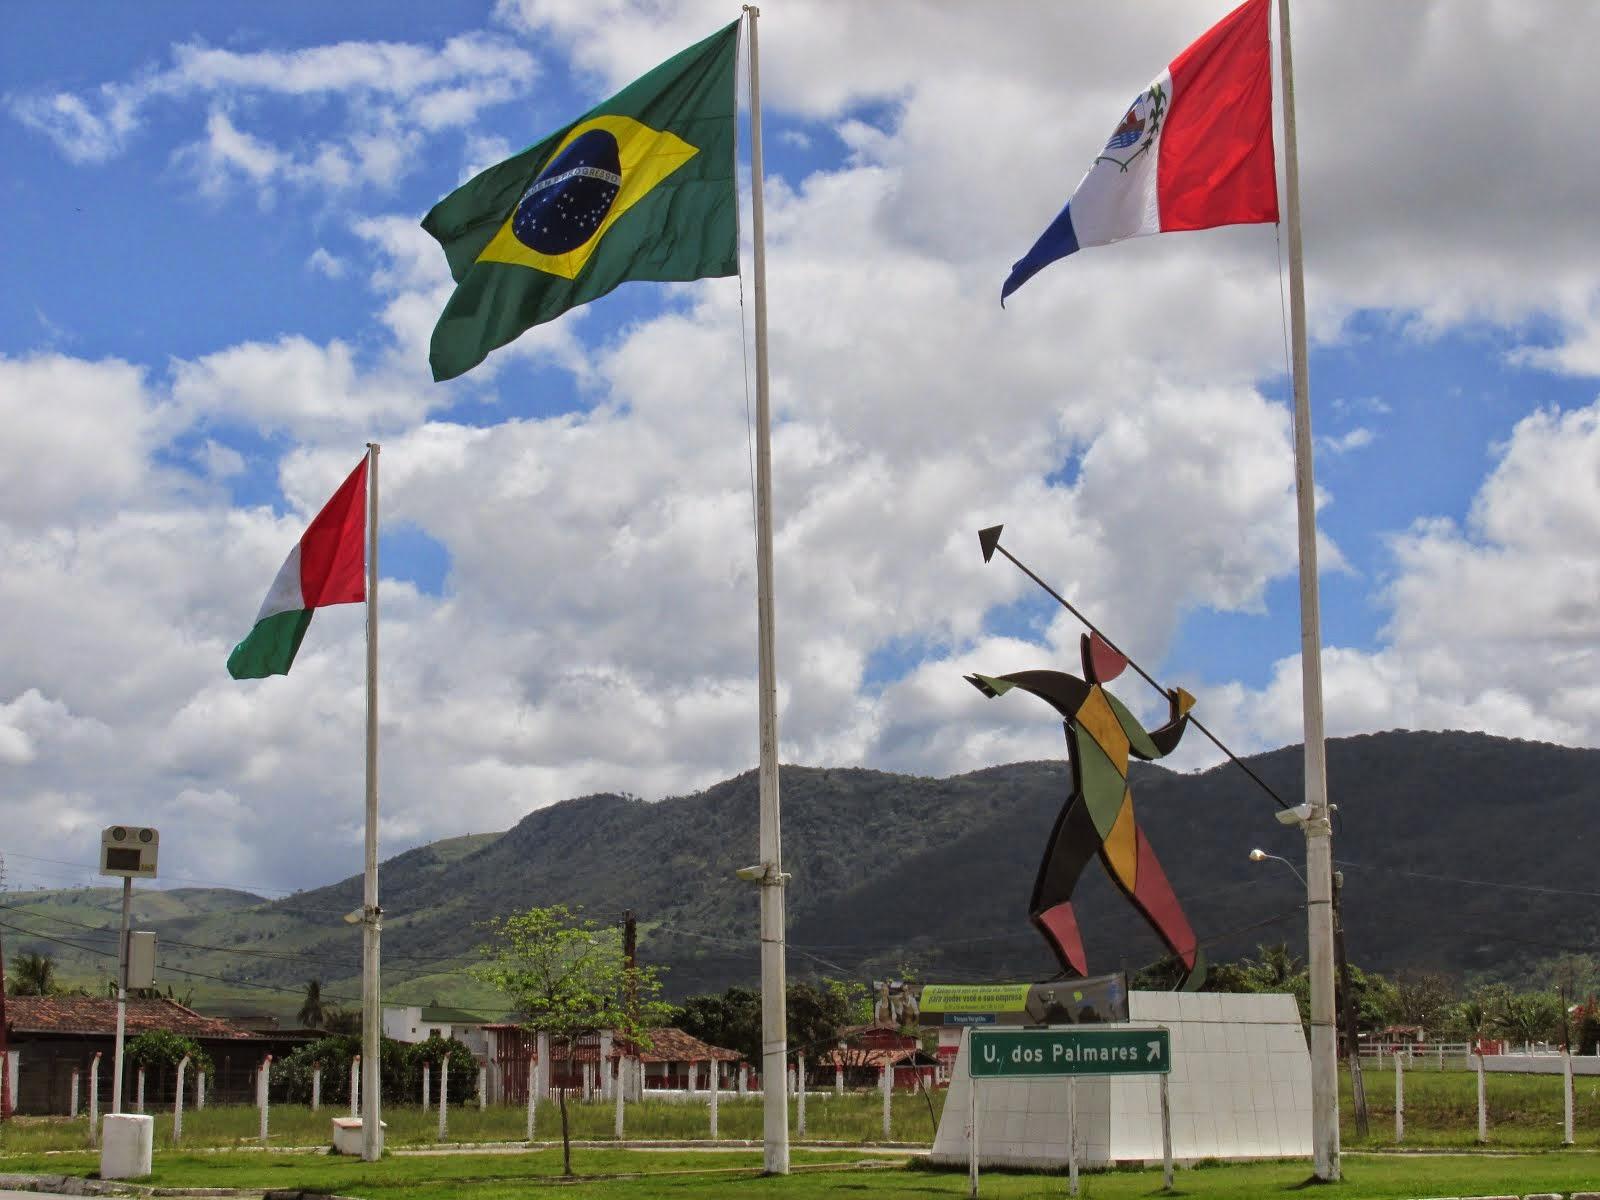 Visite  União dos Palmares